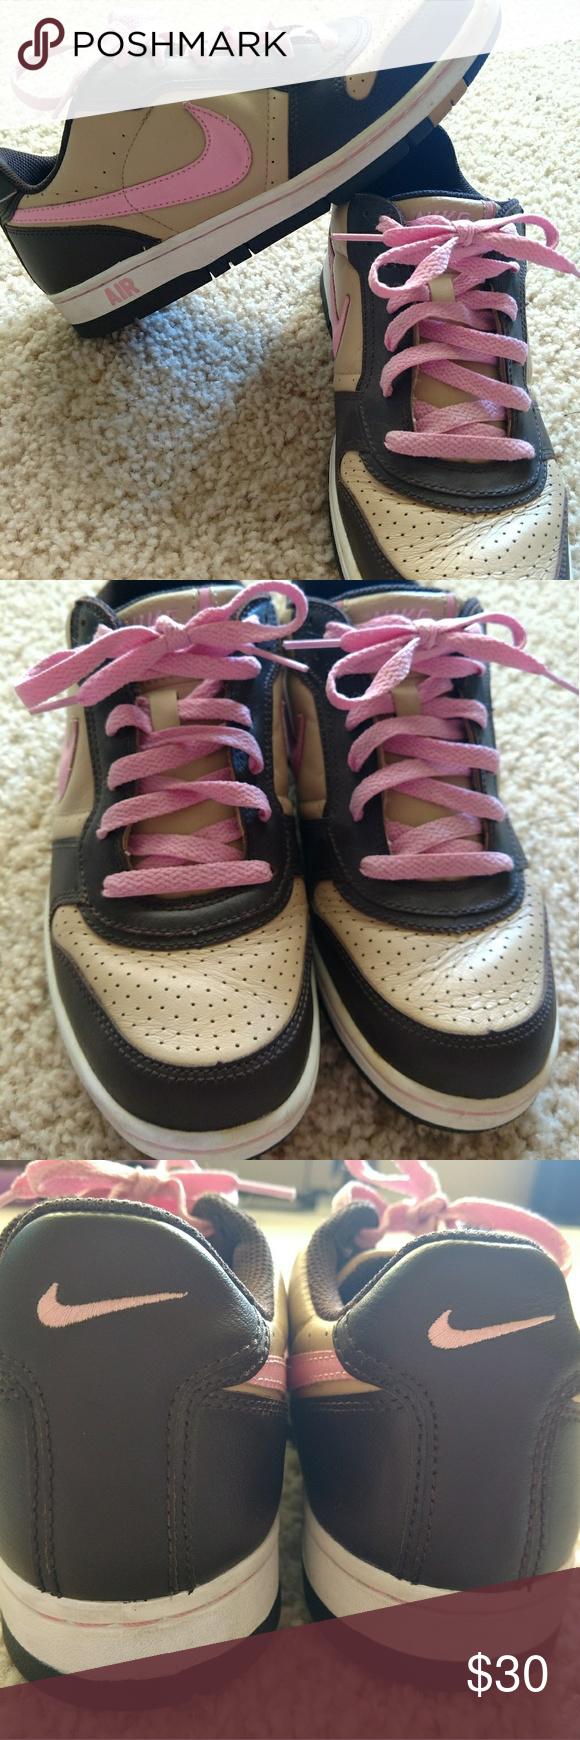 NIKE pink/brown running sneaker size 9